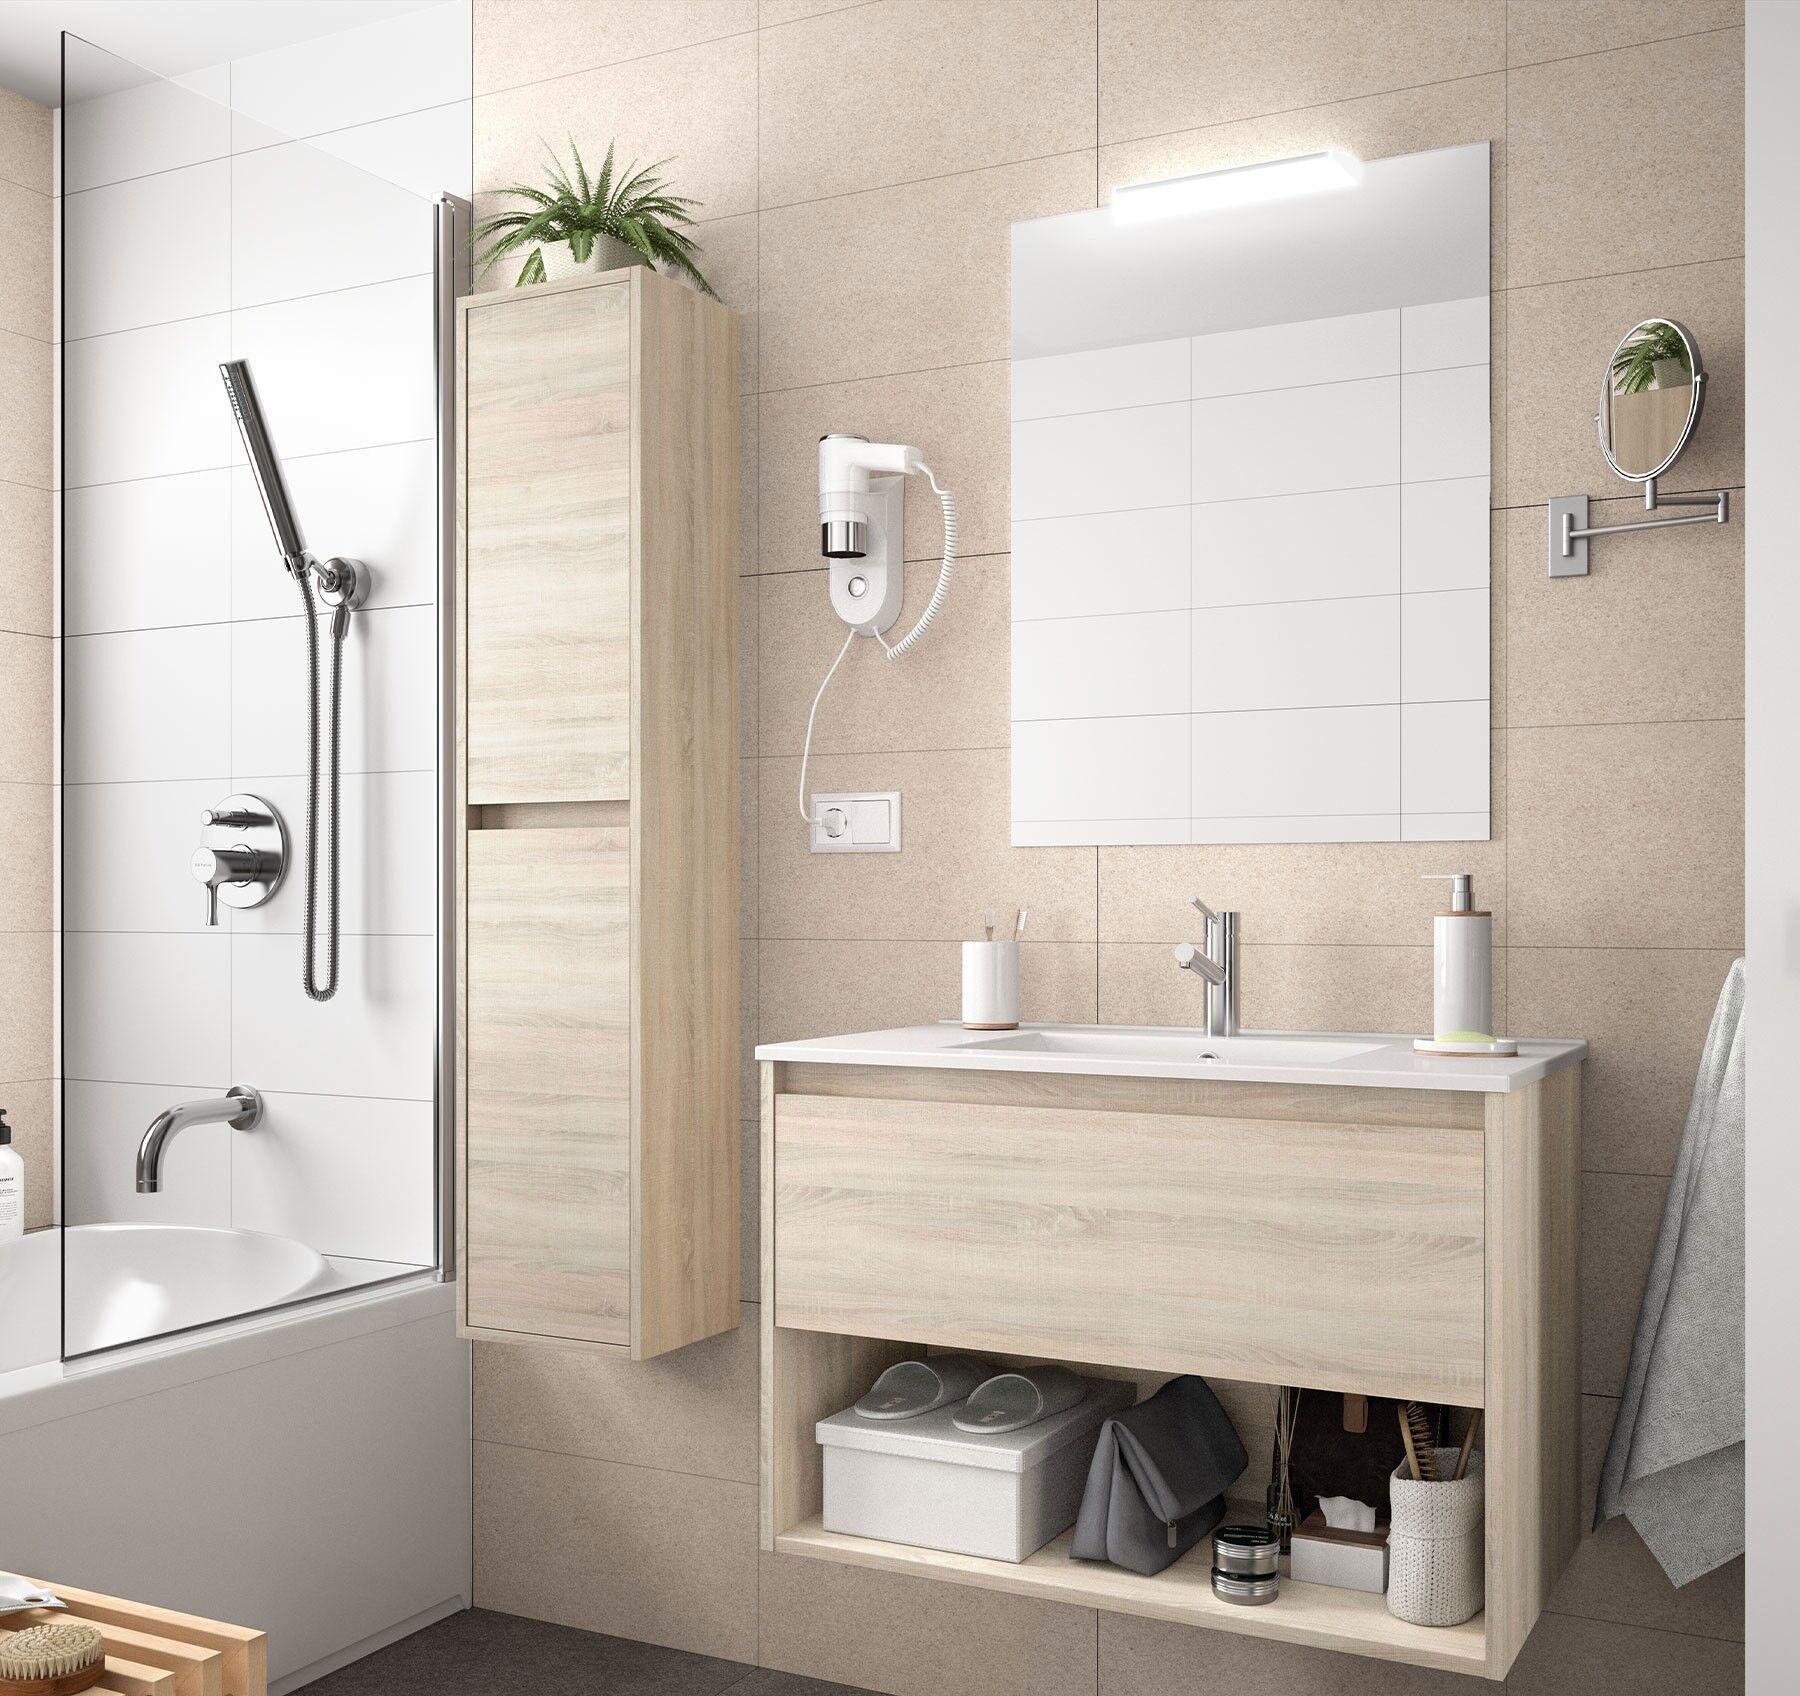 CAESAROO Meuble de salle de bain suspendu 100 cm marron Caledonia avec un tiroir et un espace   100 cm - Avec double colonne, miroir et lampe à LED